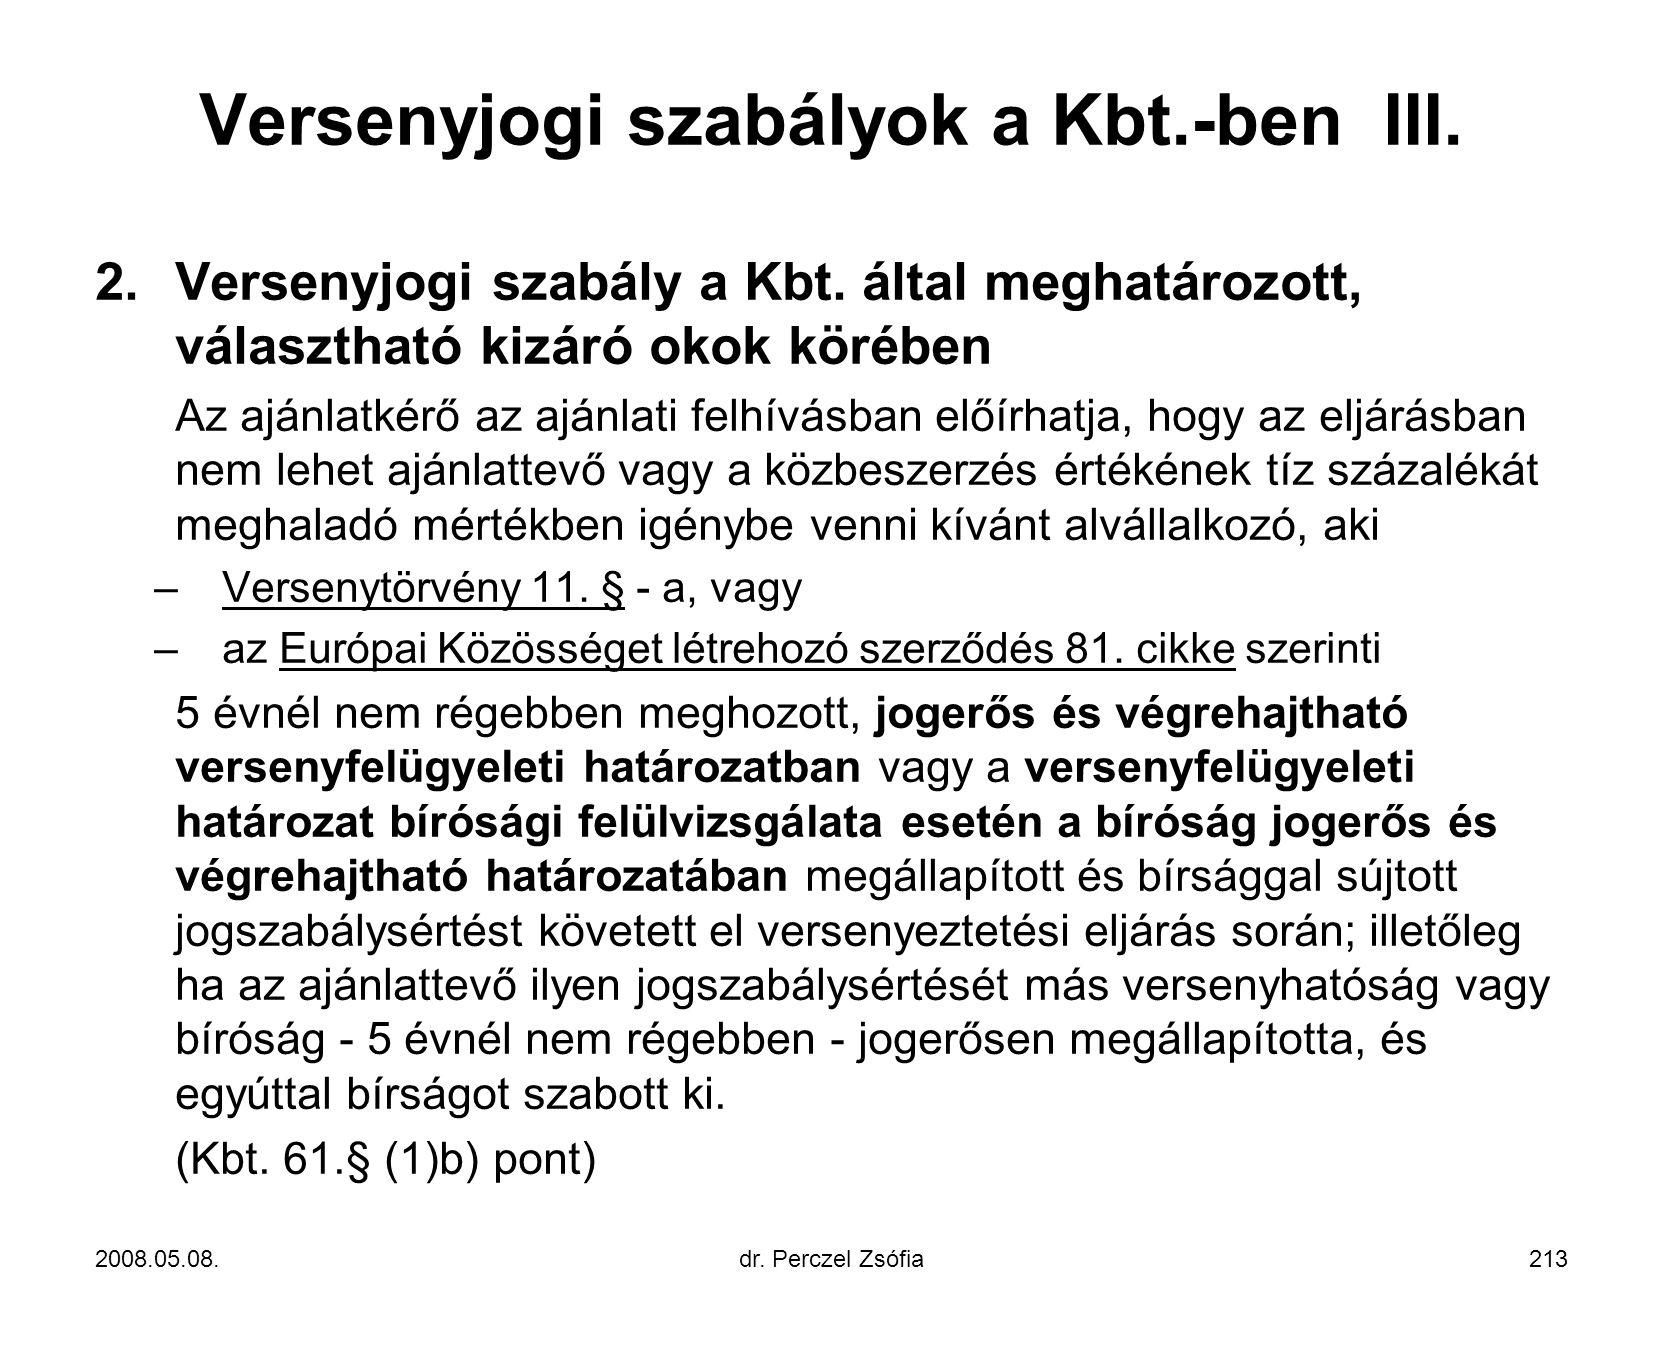 Versenyjogi szabályok a Kbt.-ben III.